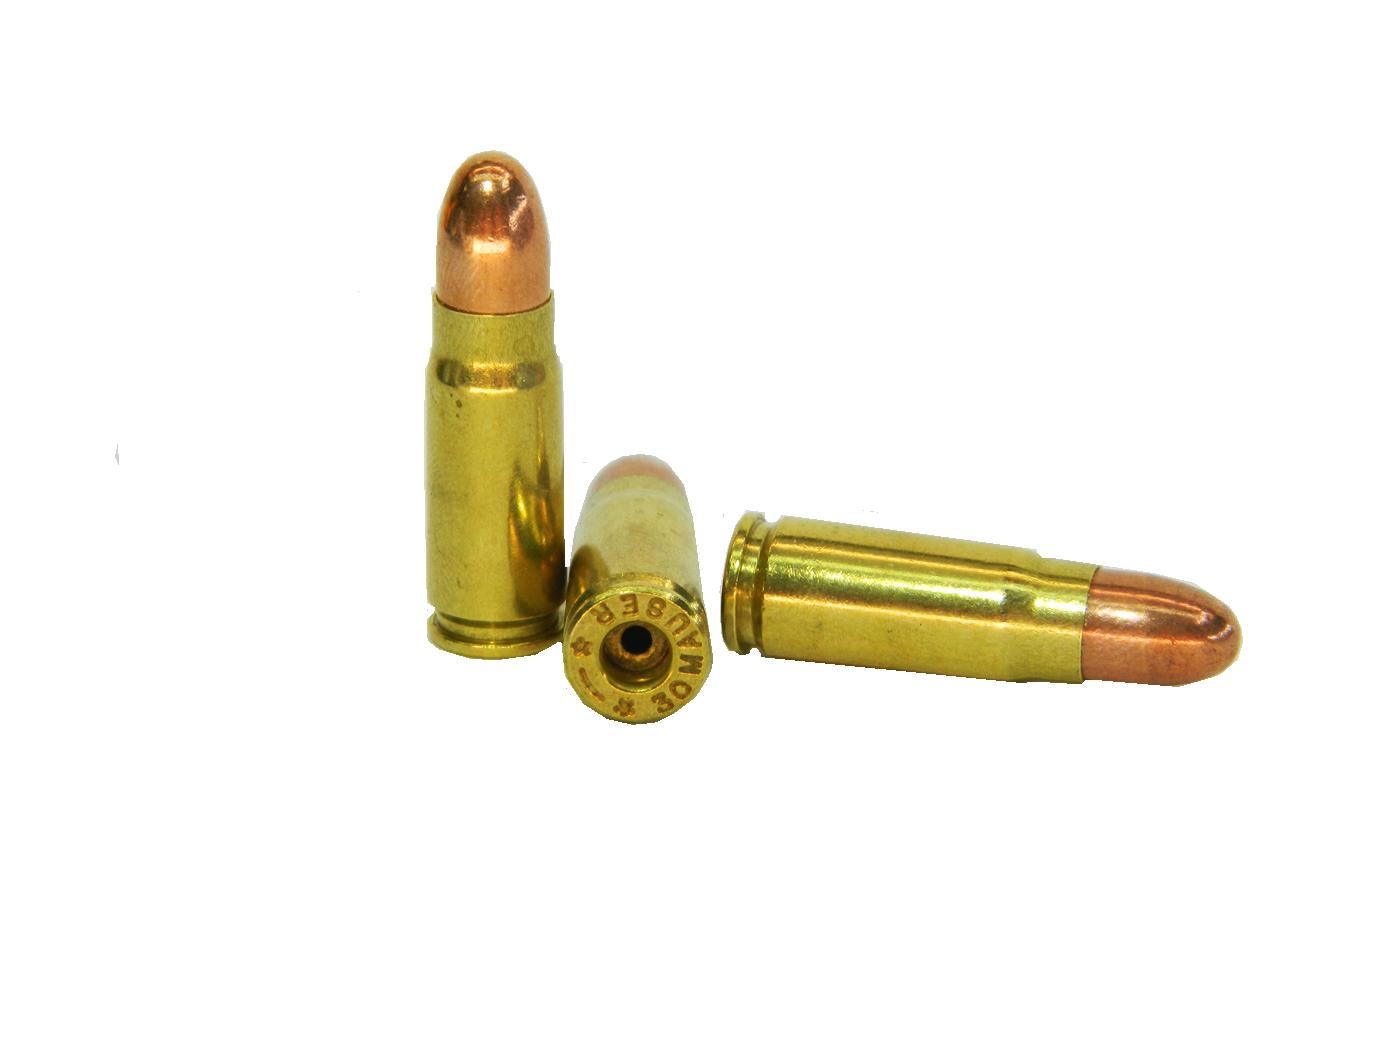 Макет патрона 7,63mm Mauser для пистолета Mauser C96 и многих других